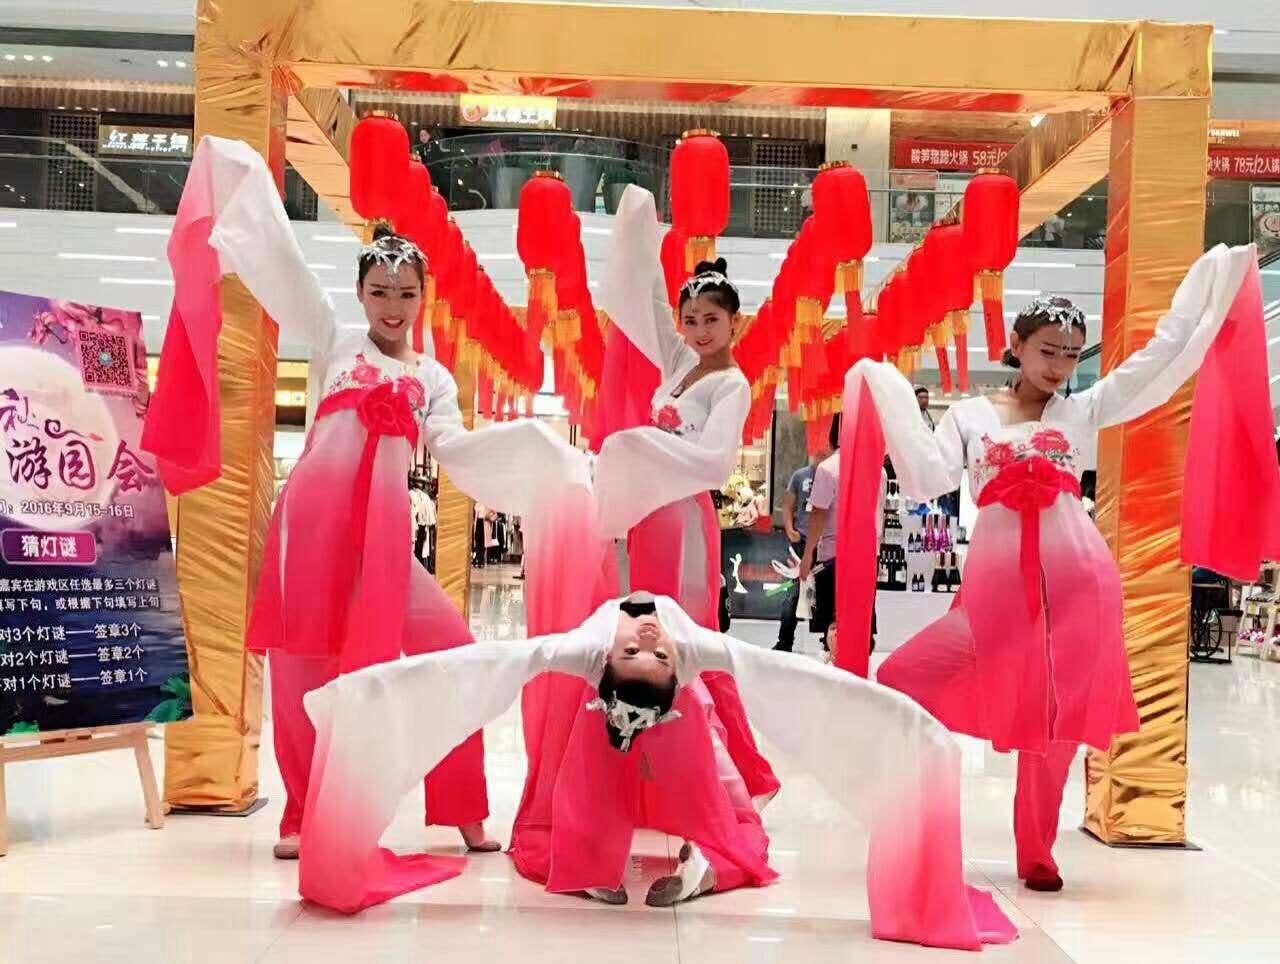 云南民族舞蹈哪家专业 原生态舞蹈  敬酒歌